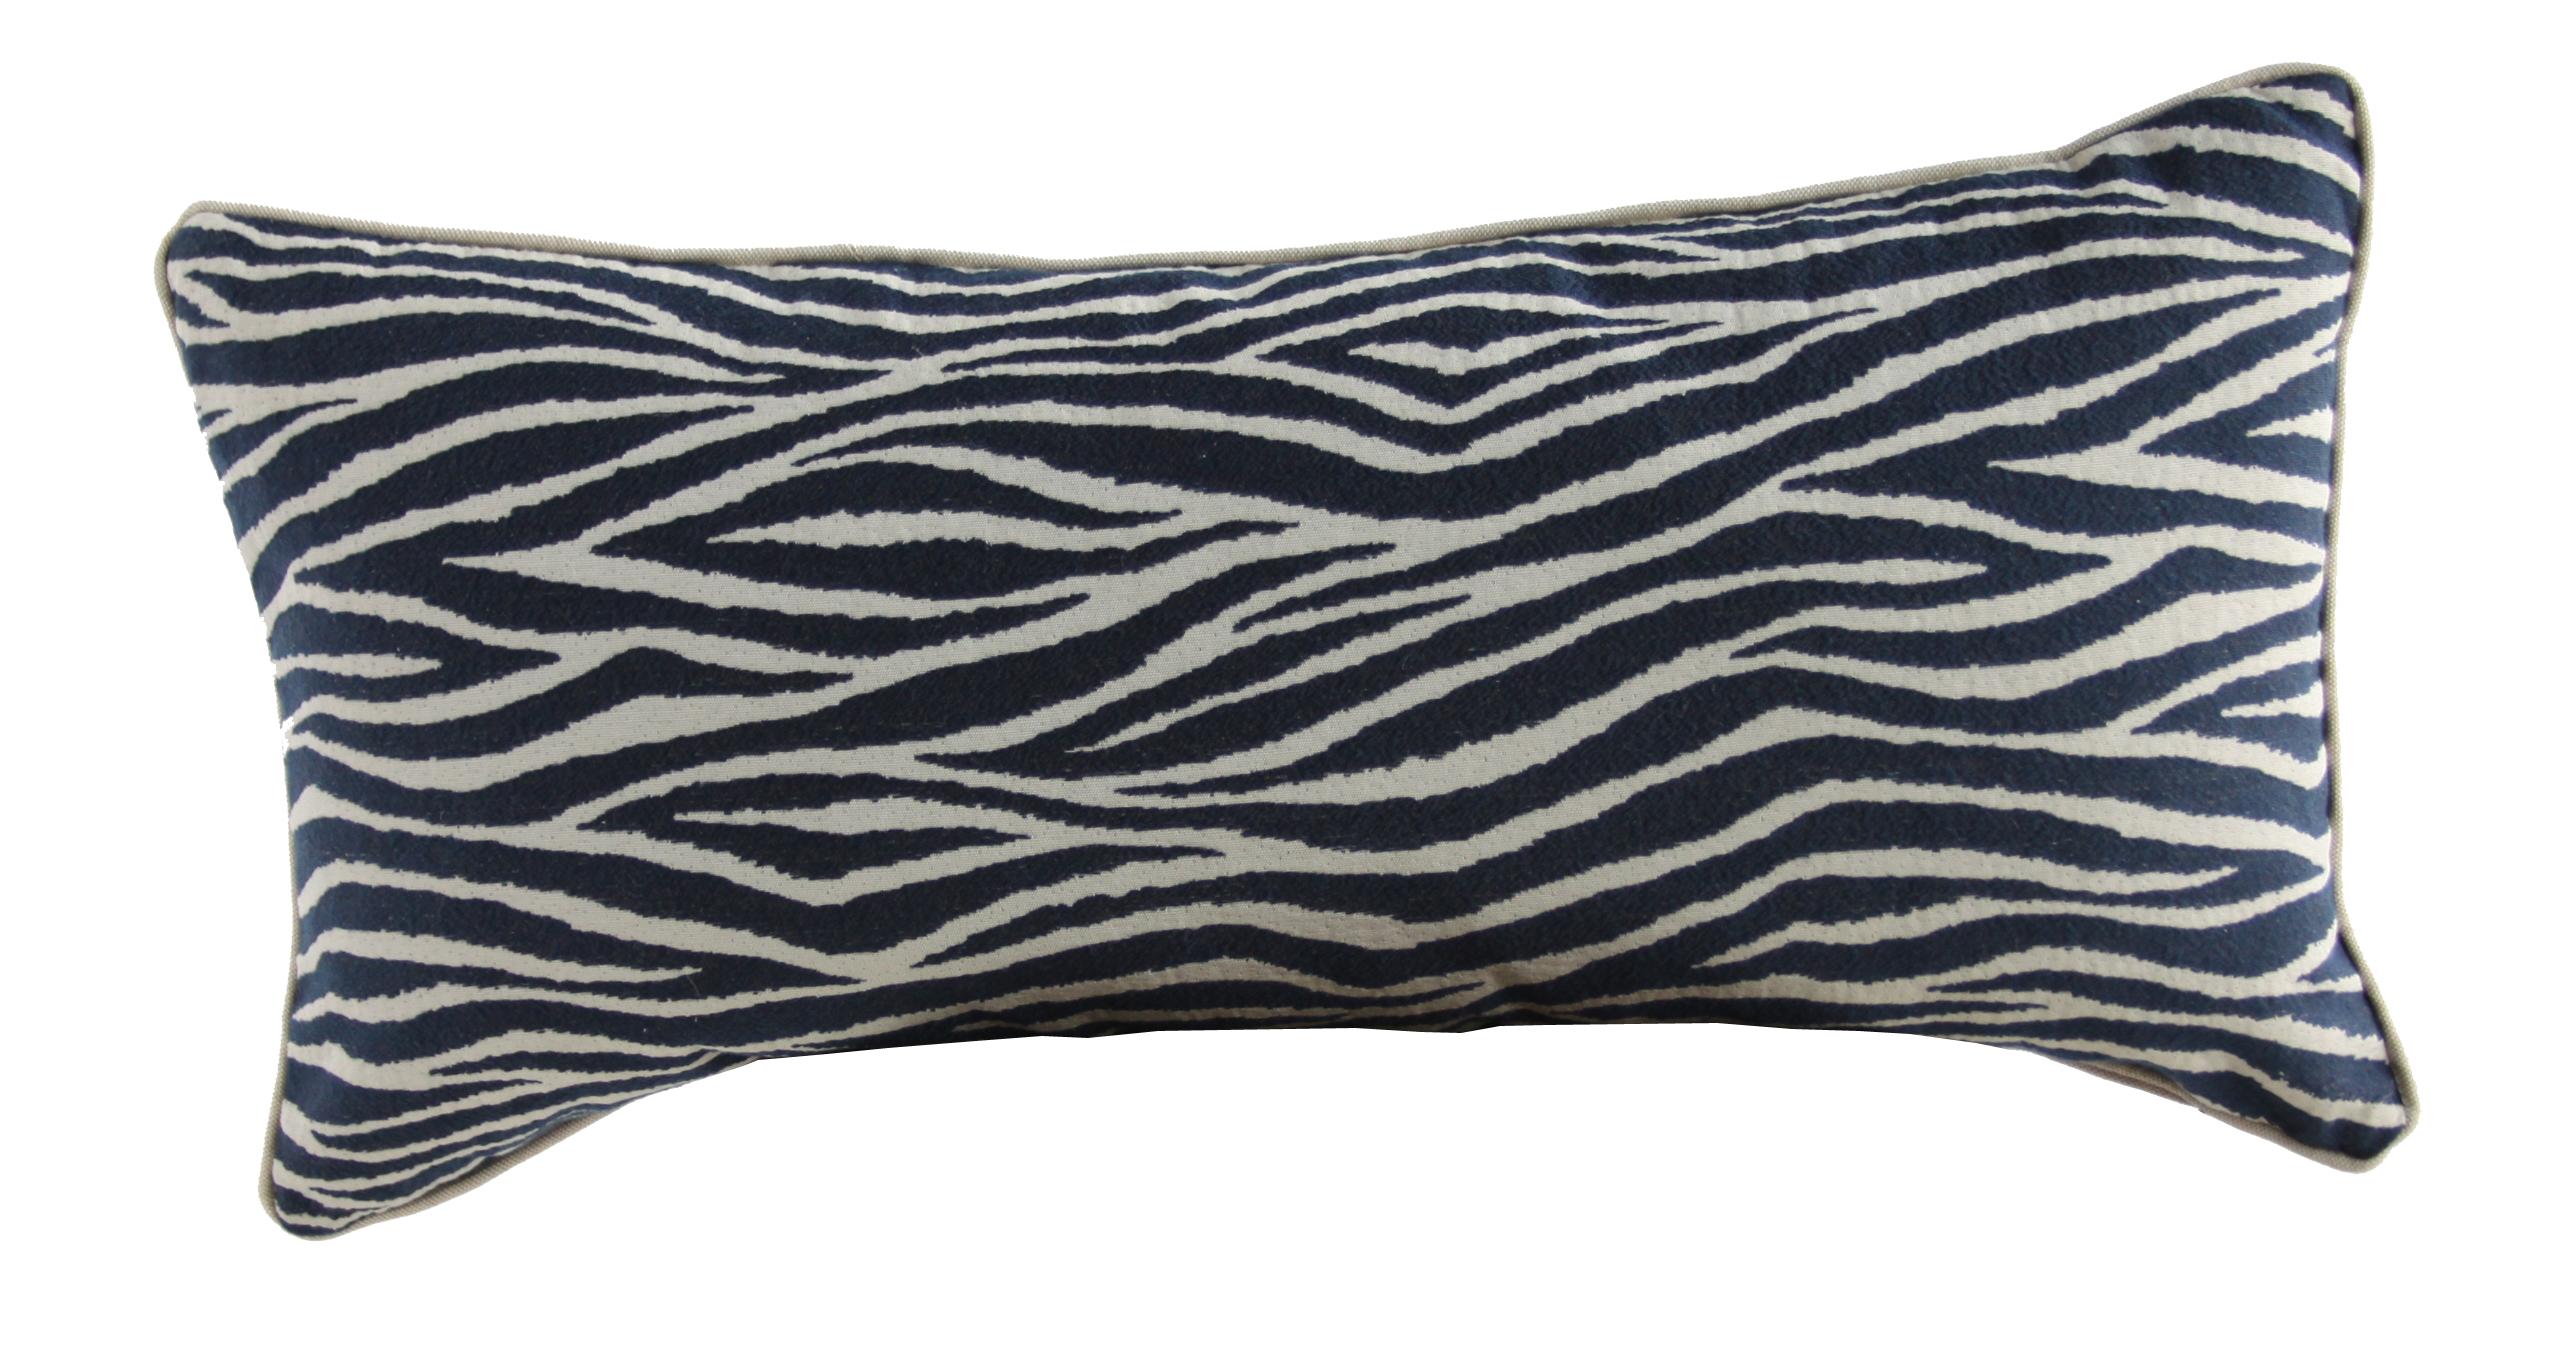 Animal Print Lumbar Pillows : Navy Zebra Print Lumbar Pillow Chairish